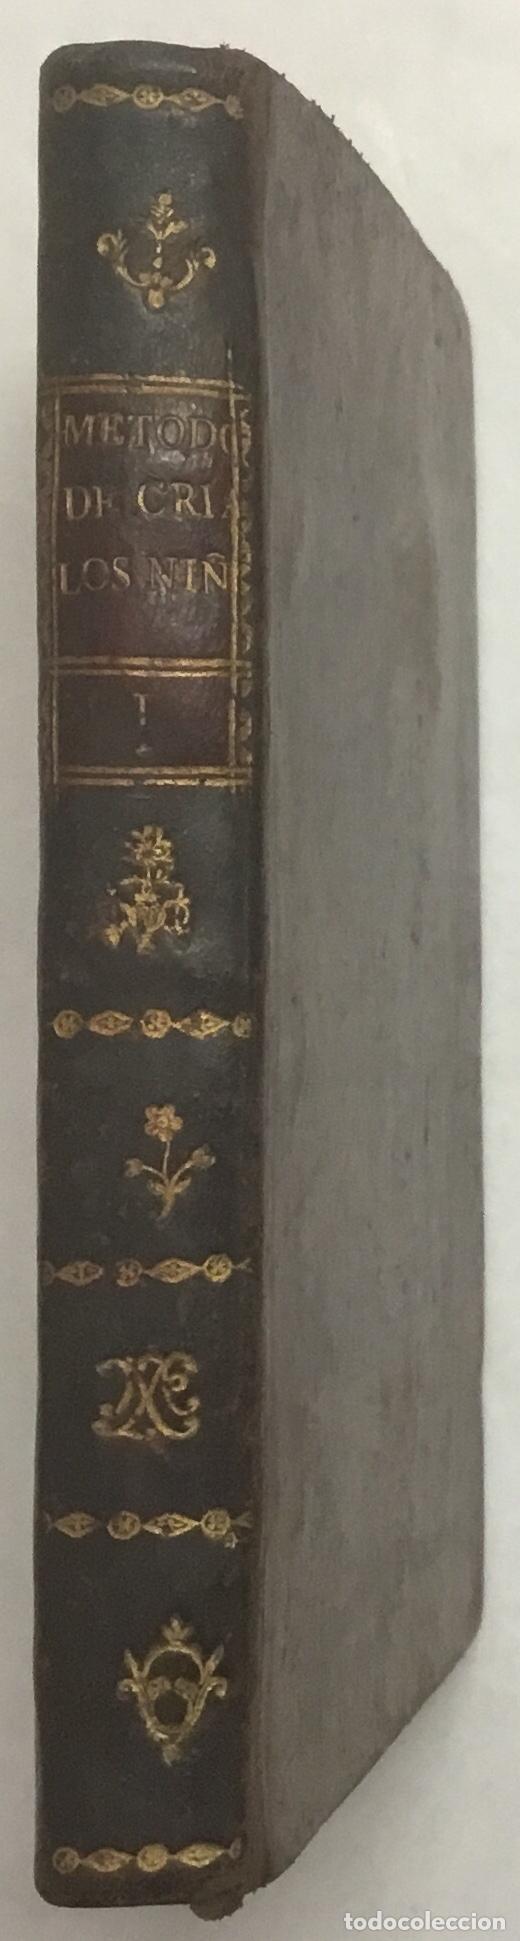 Libros antiguos: IBERTI Y LÓPEZ, José. MÉTODO ARTIFICIAL DE CRIAR A LOS NIÑOS RECIEN NACIDOS y de darles una buena e - Foto 4 - 125904059